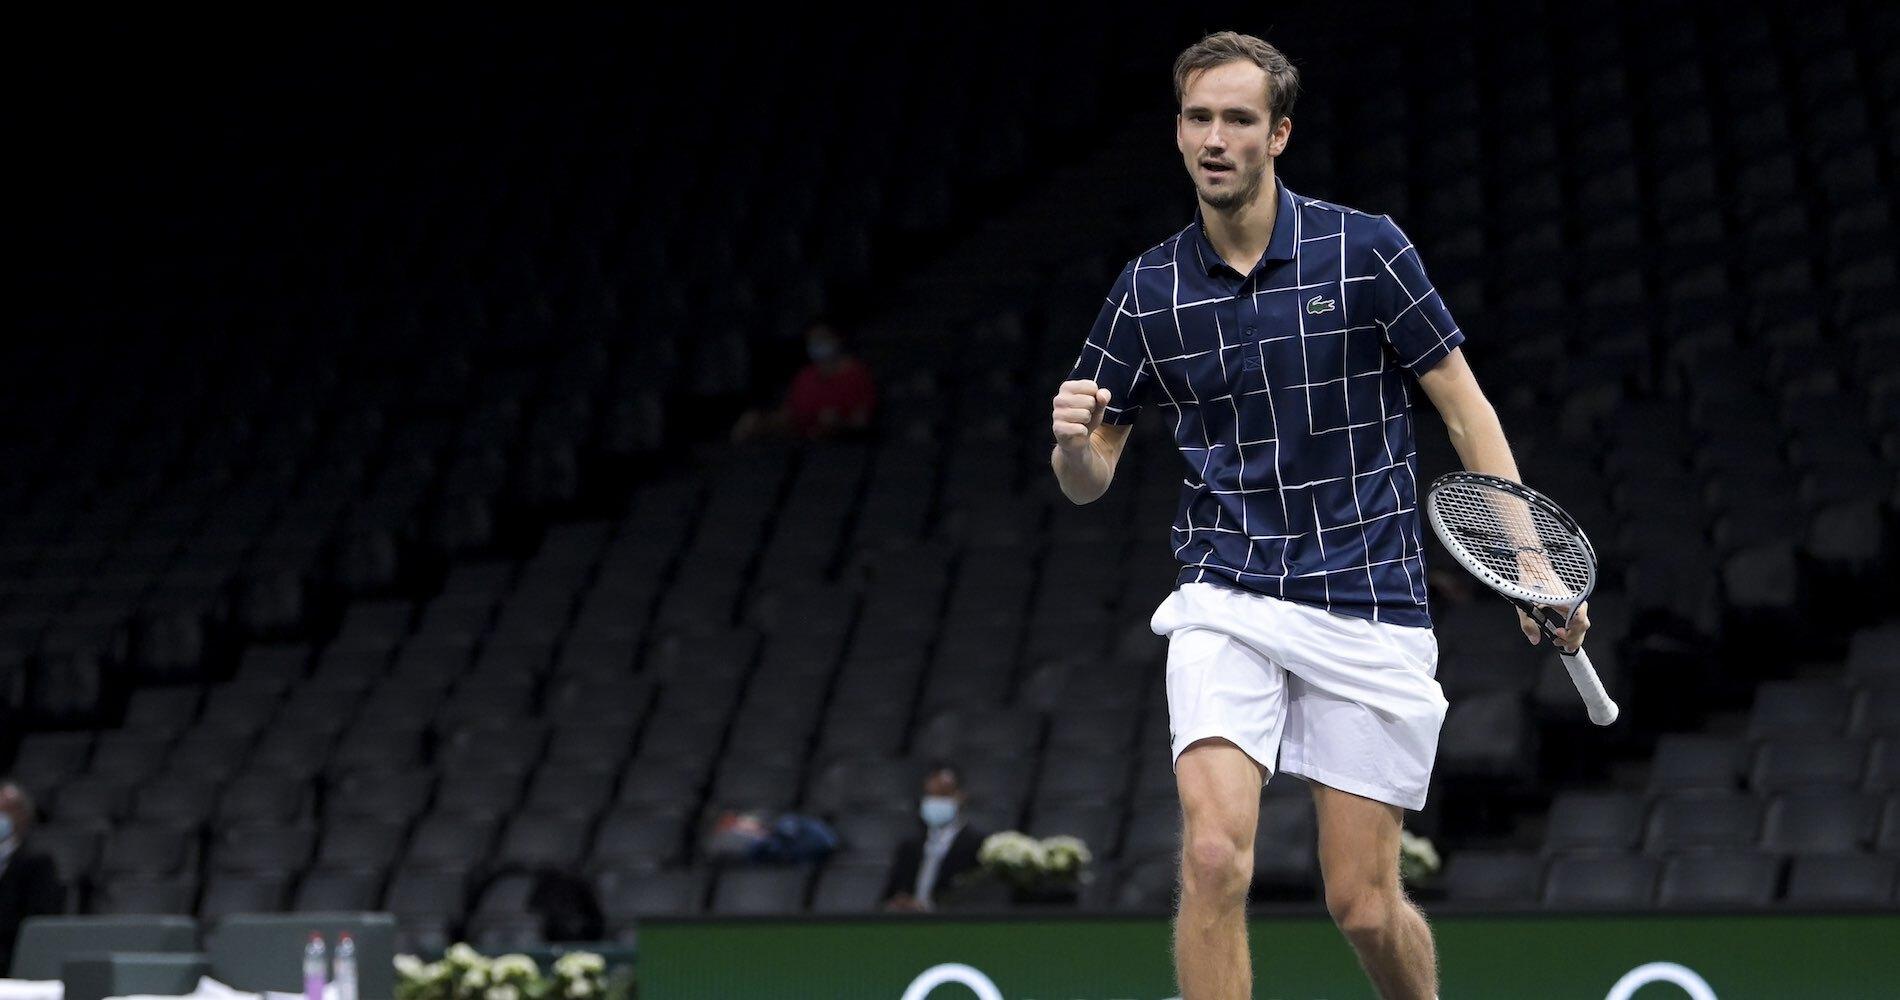 Classement ATP - Daniil Medvedev